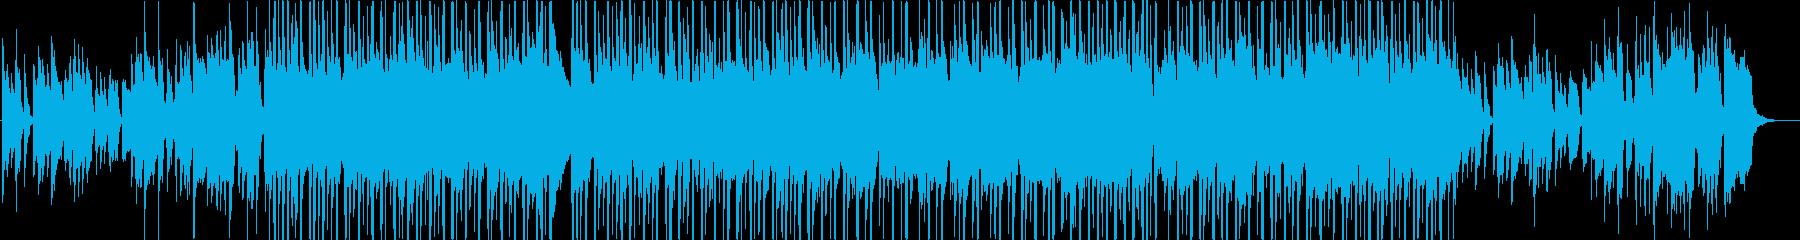 アコギが印象的なさわやかなポップスの再生済みの波形